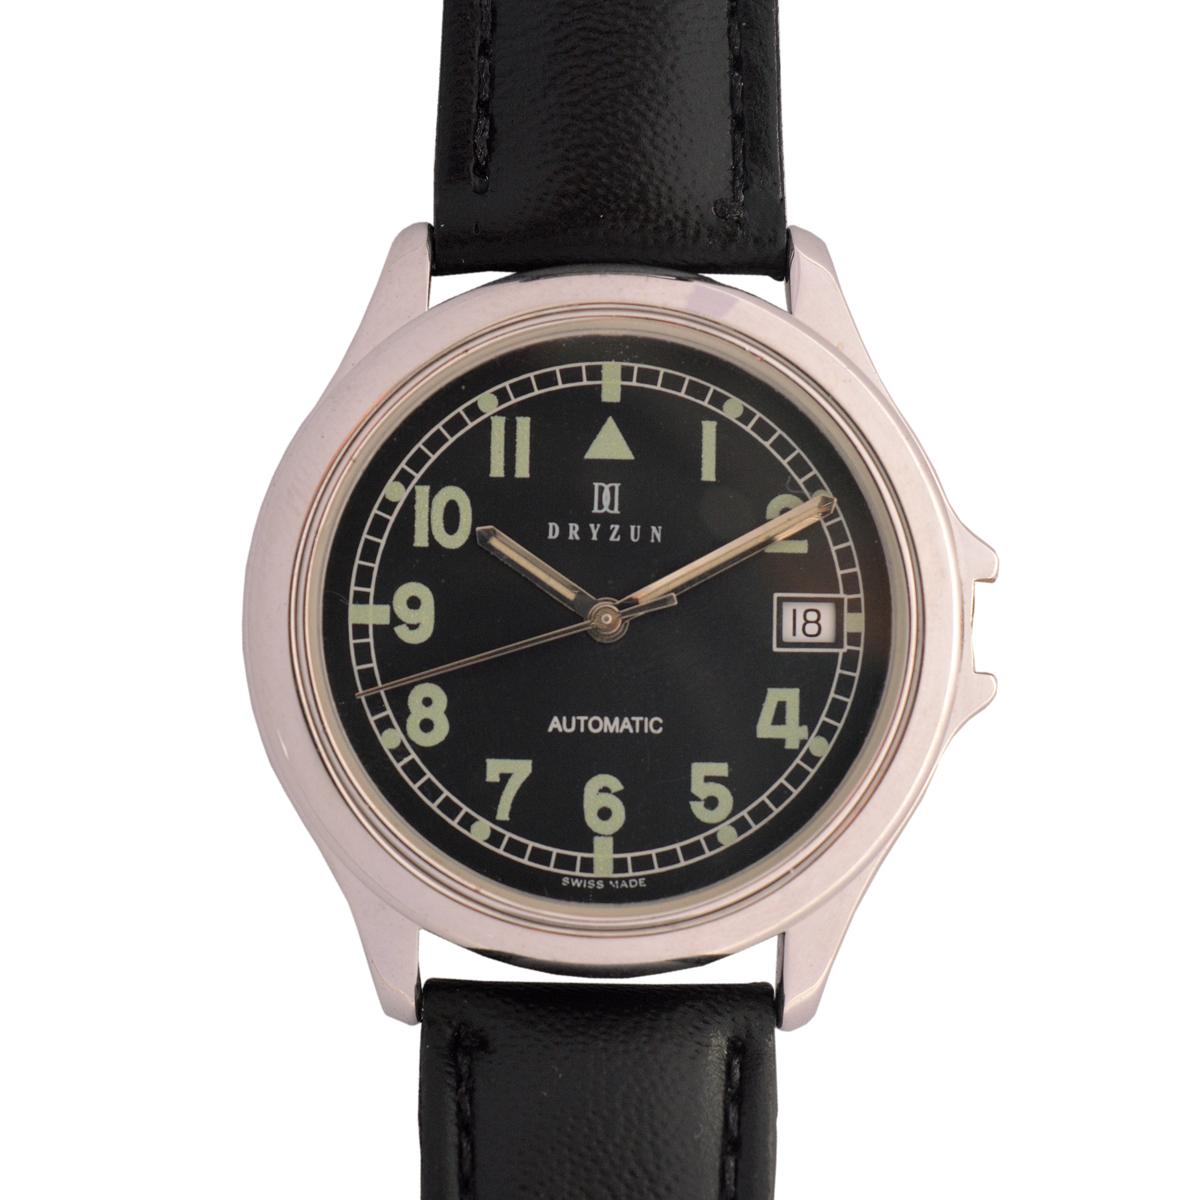 a7c82955e1f DRYZUN – Relógio de pulso masculino. Caixa em aço. Aut